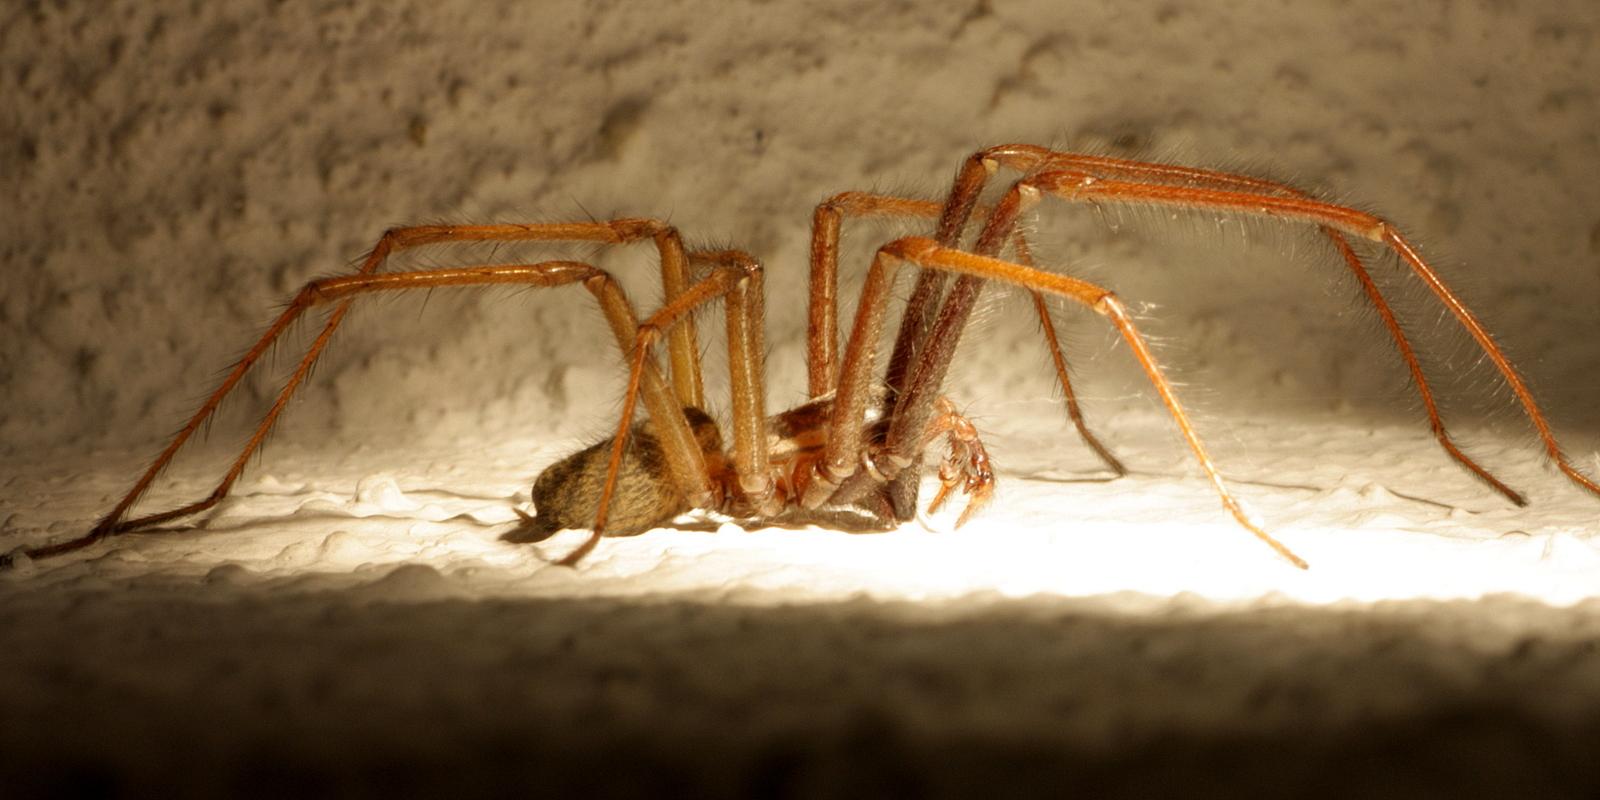 Die Spinne oh welch ein Graus, wohnt bei mir in meinem Haus